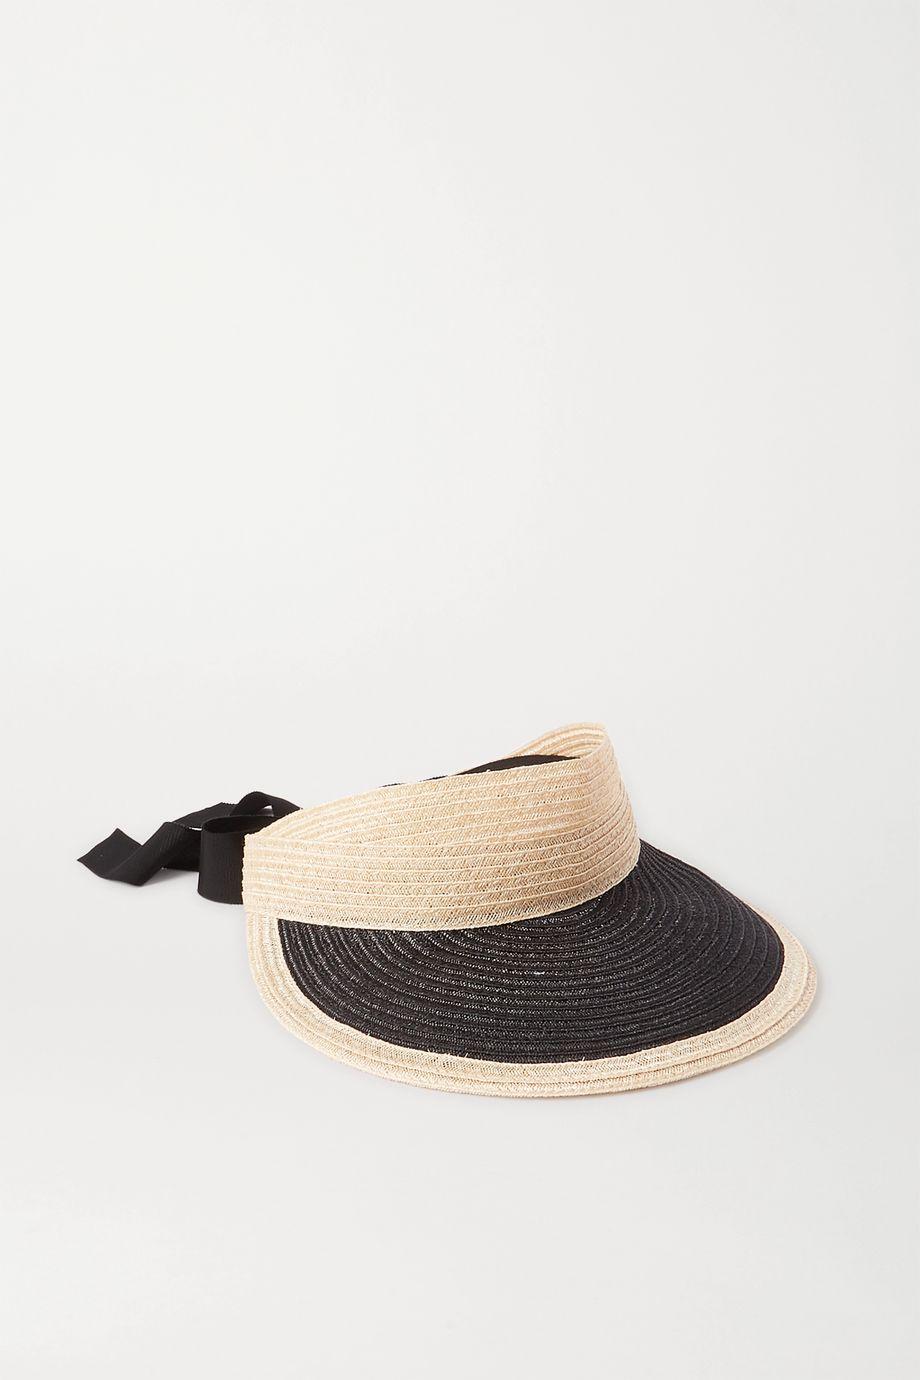 Eugenia Kim Ricky grosgrain-trimmed hemp-blend visor